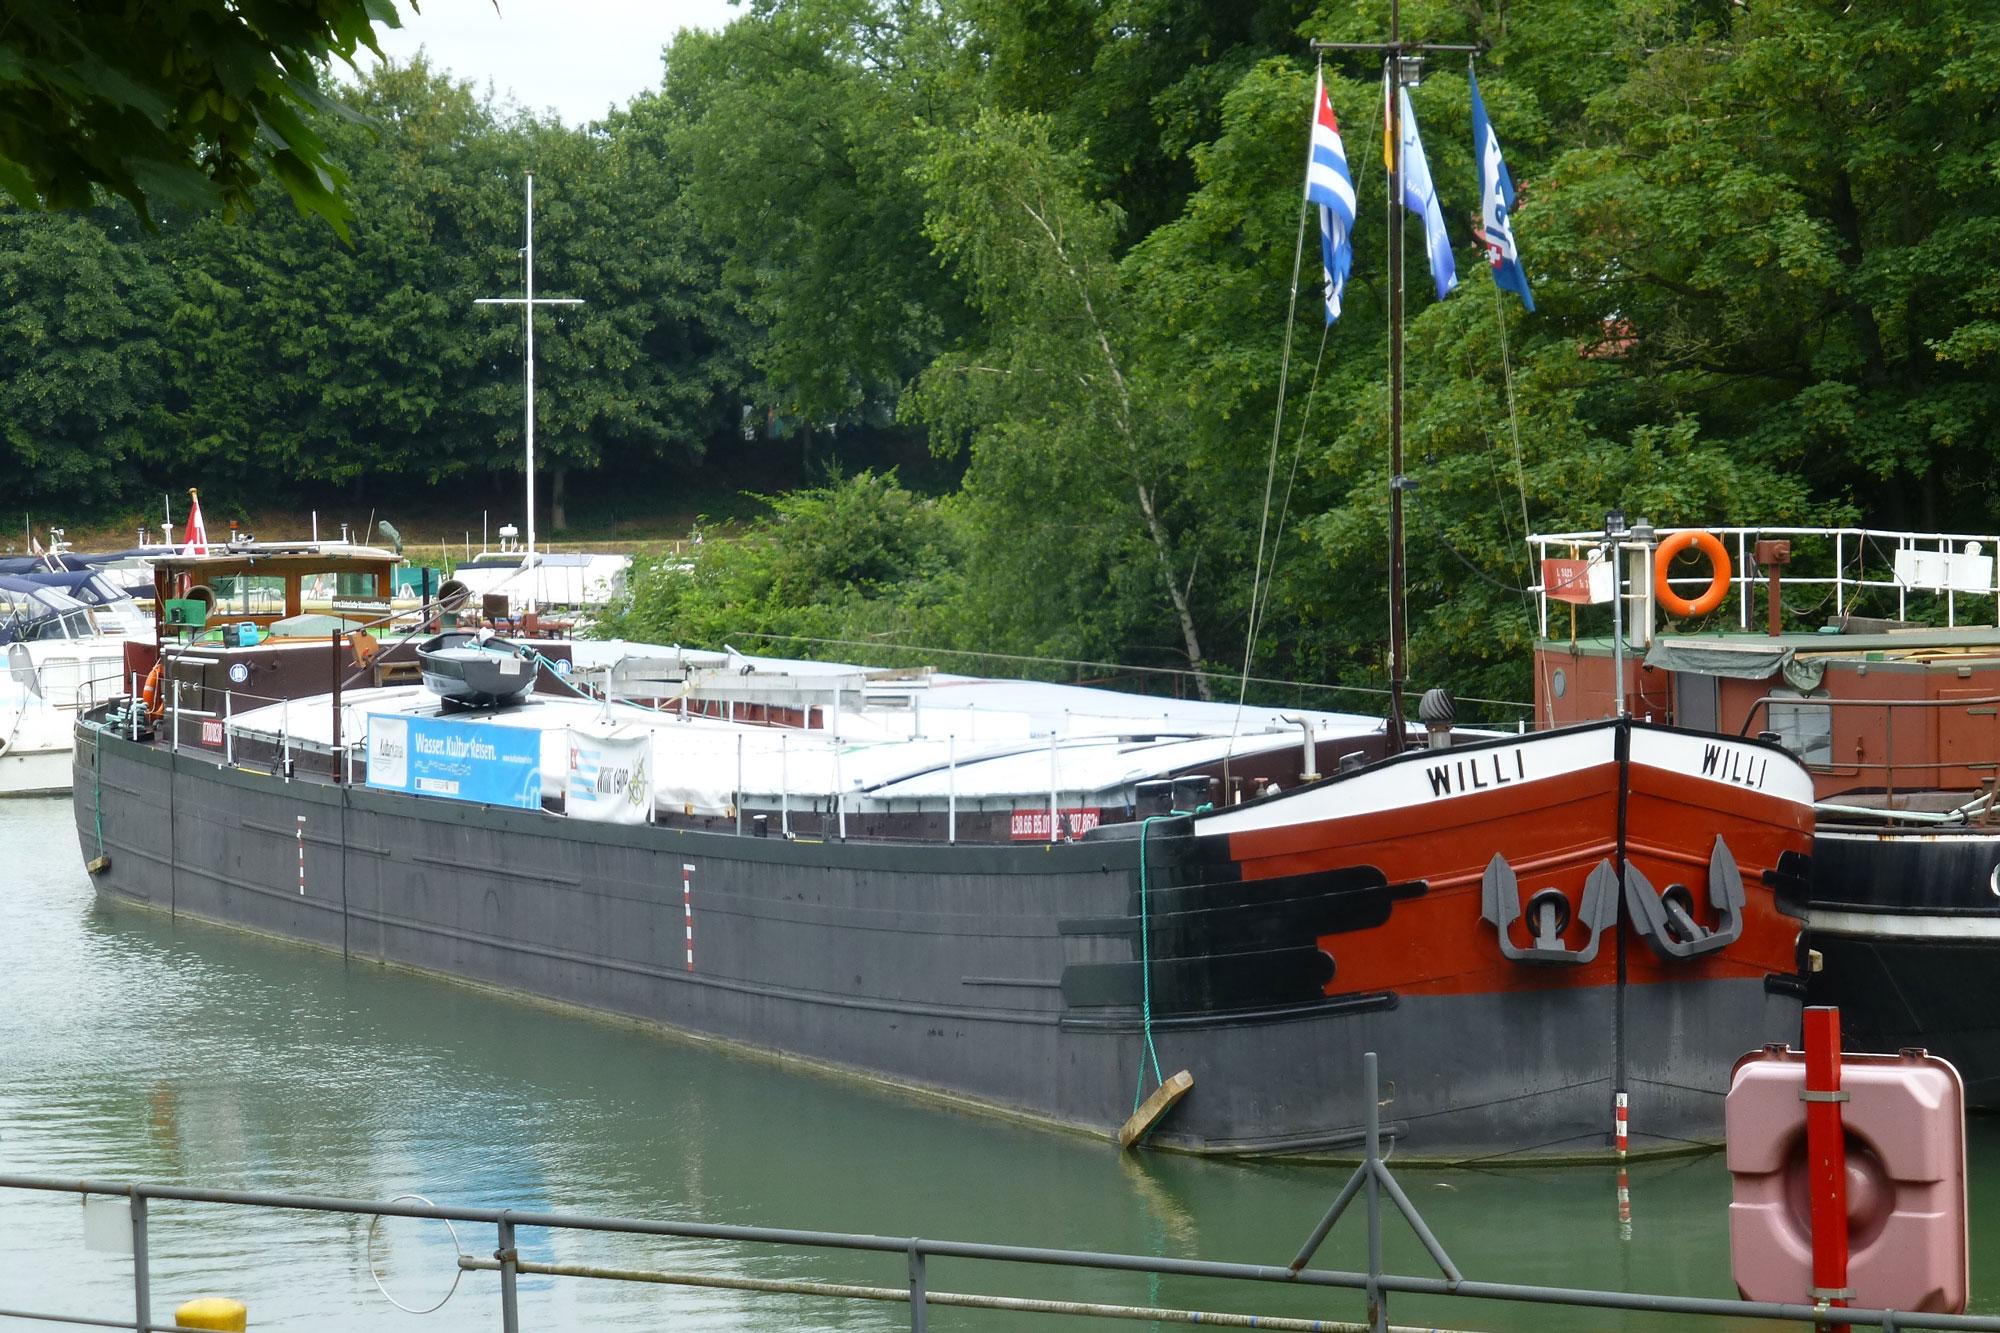 Binnenschiff-Willi-II. (Foto: Stadt Wertheim)